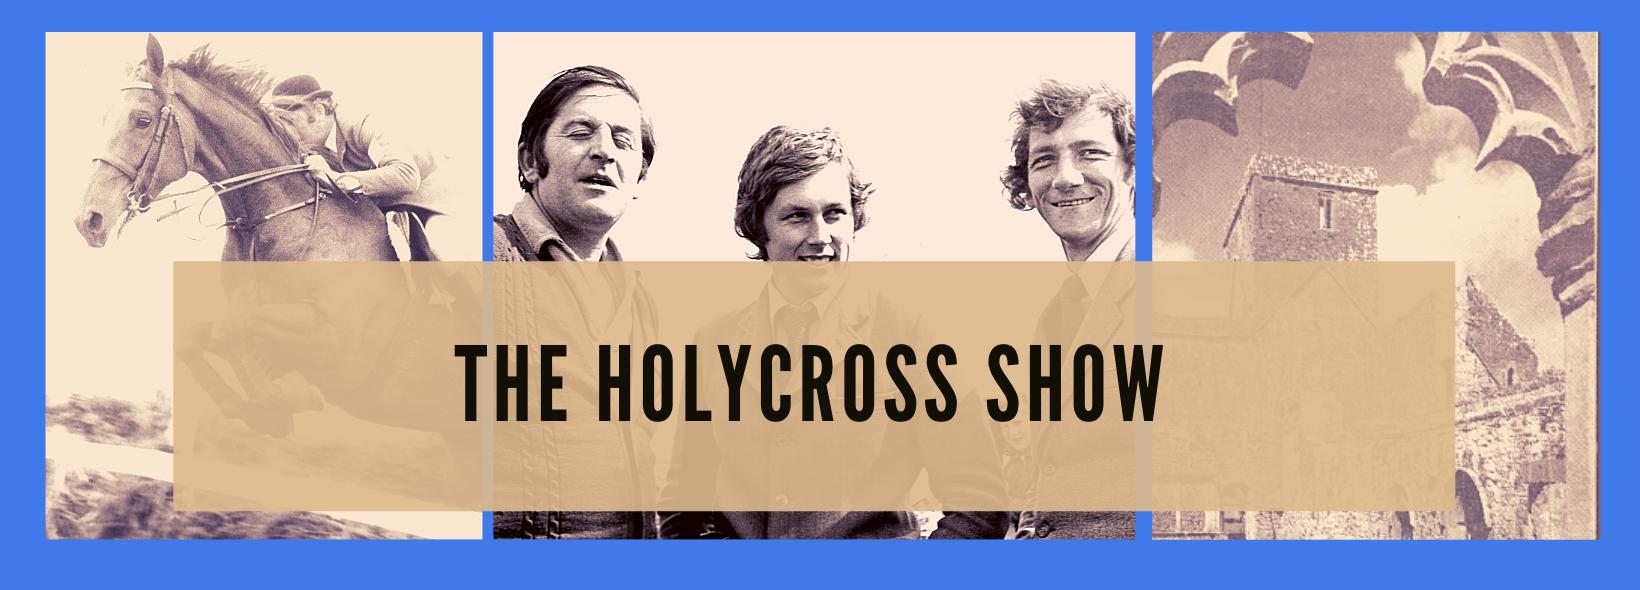 Holycross-show-banner